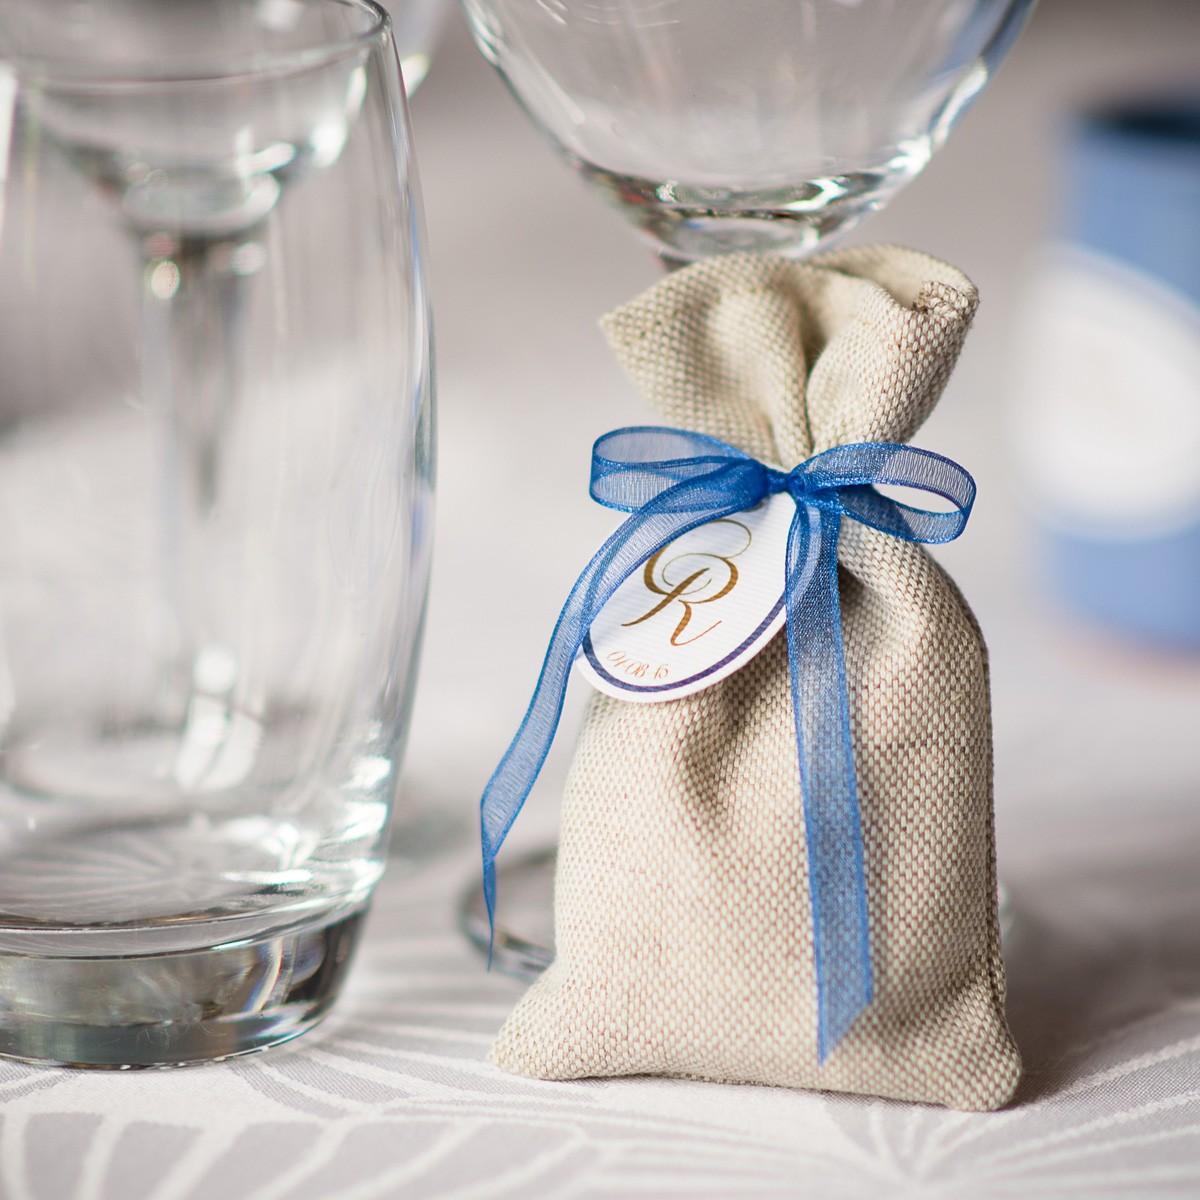 aurelien-primot-photographe-faire-part-mariage-dragee-bretagne-bleu-blanc-hortensia-papeterie-personnalisee-helene-ripoll-paris-lille-amiens